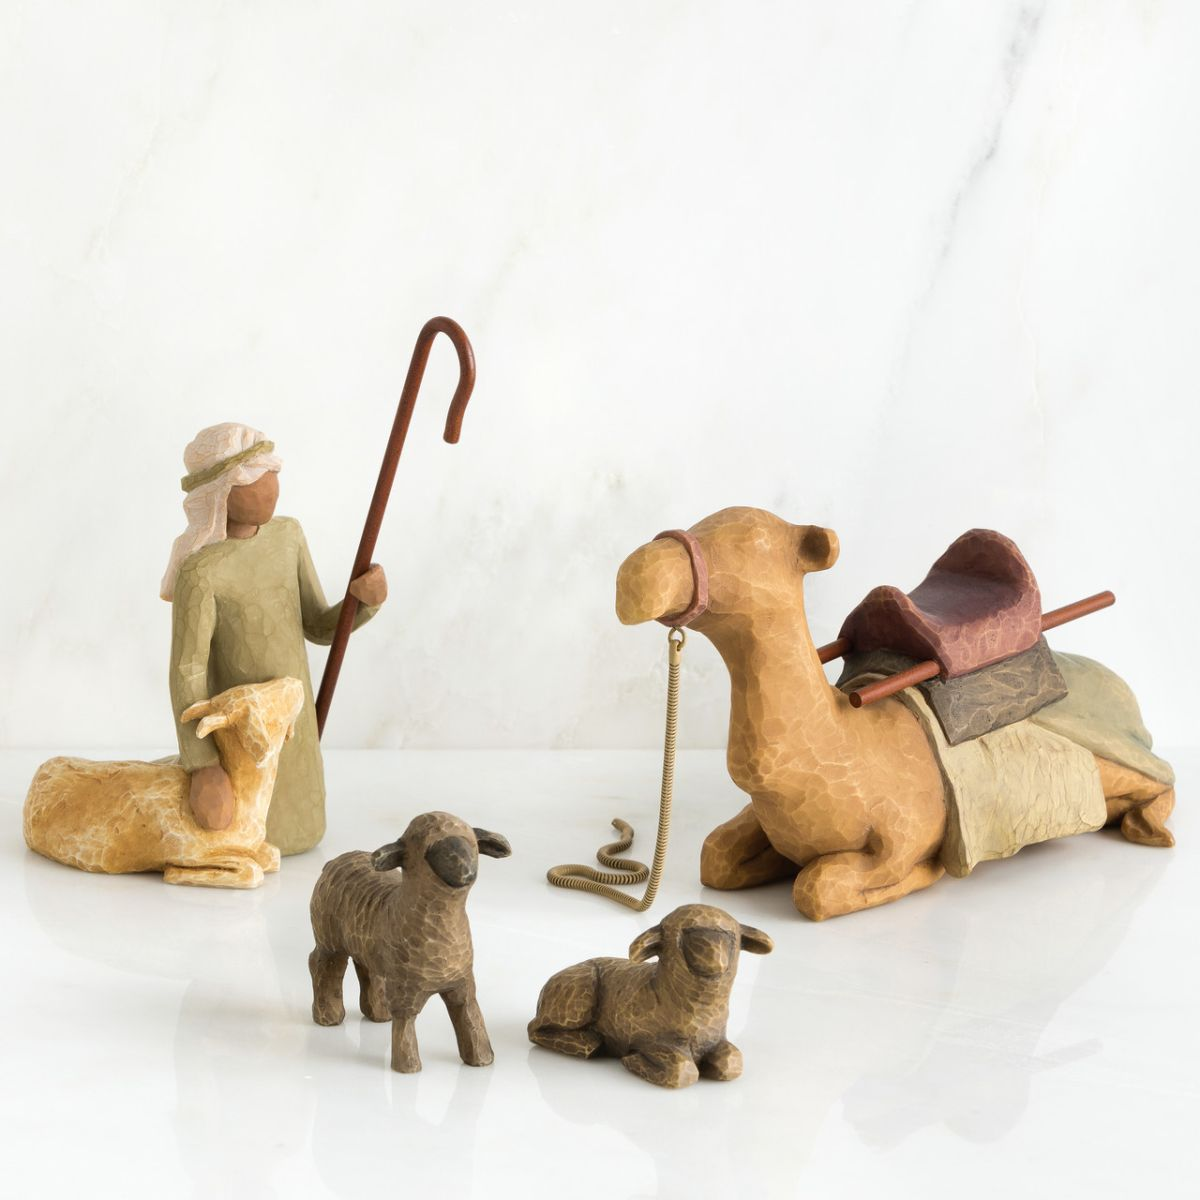 ウィローツリー  【Shepherd and Stable Animals】 - 羊飼いと動物たち